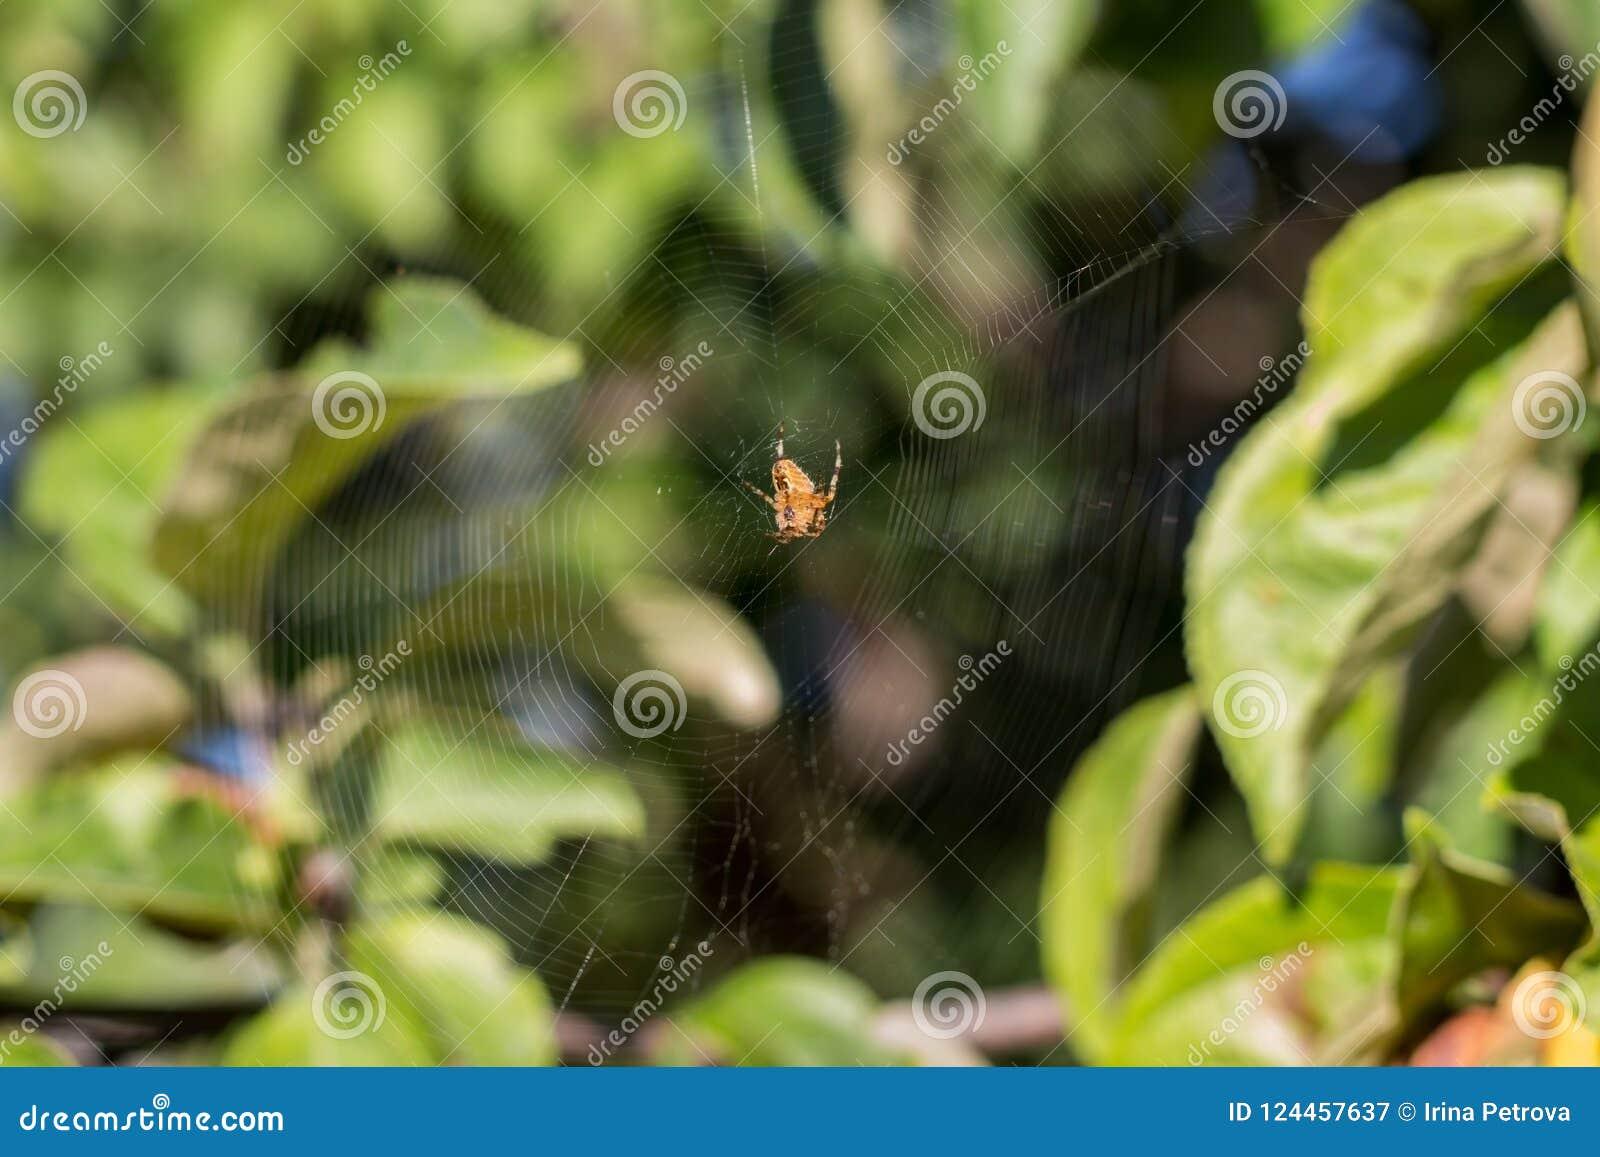 Toile d araignée de la chasse